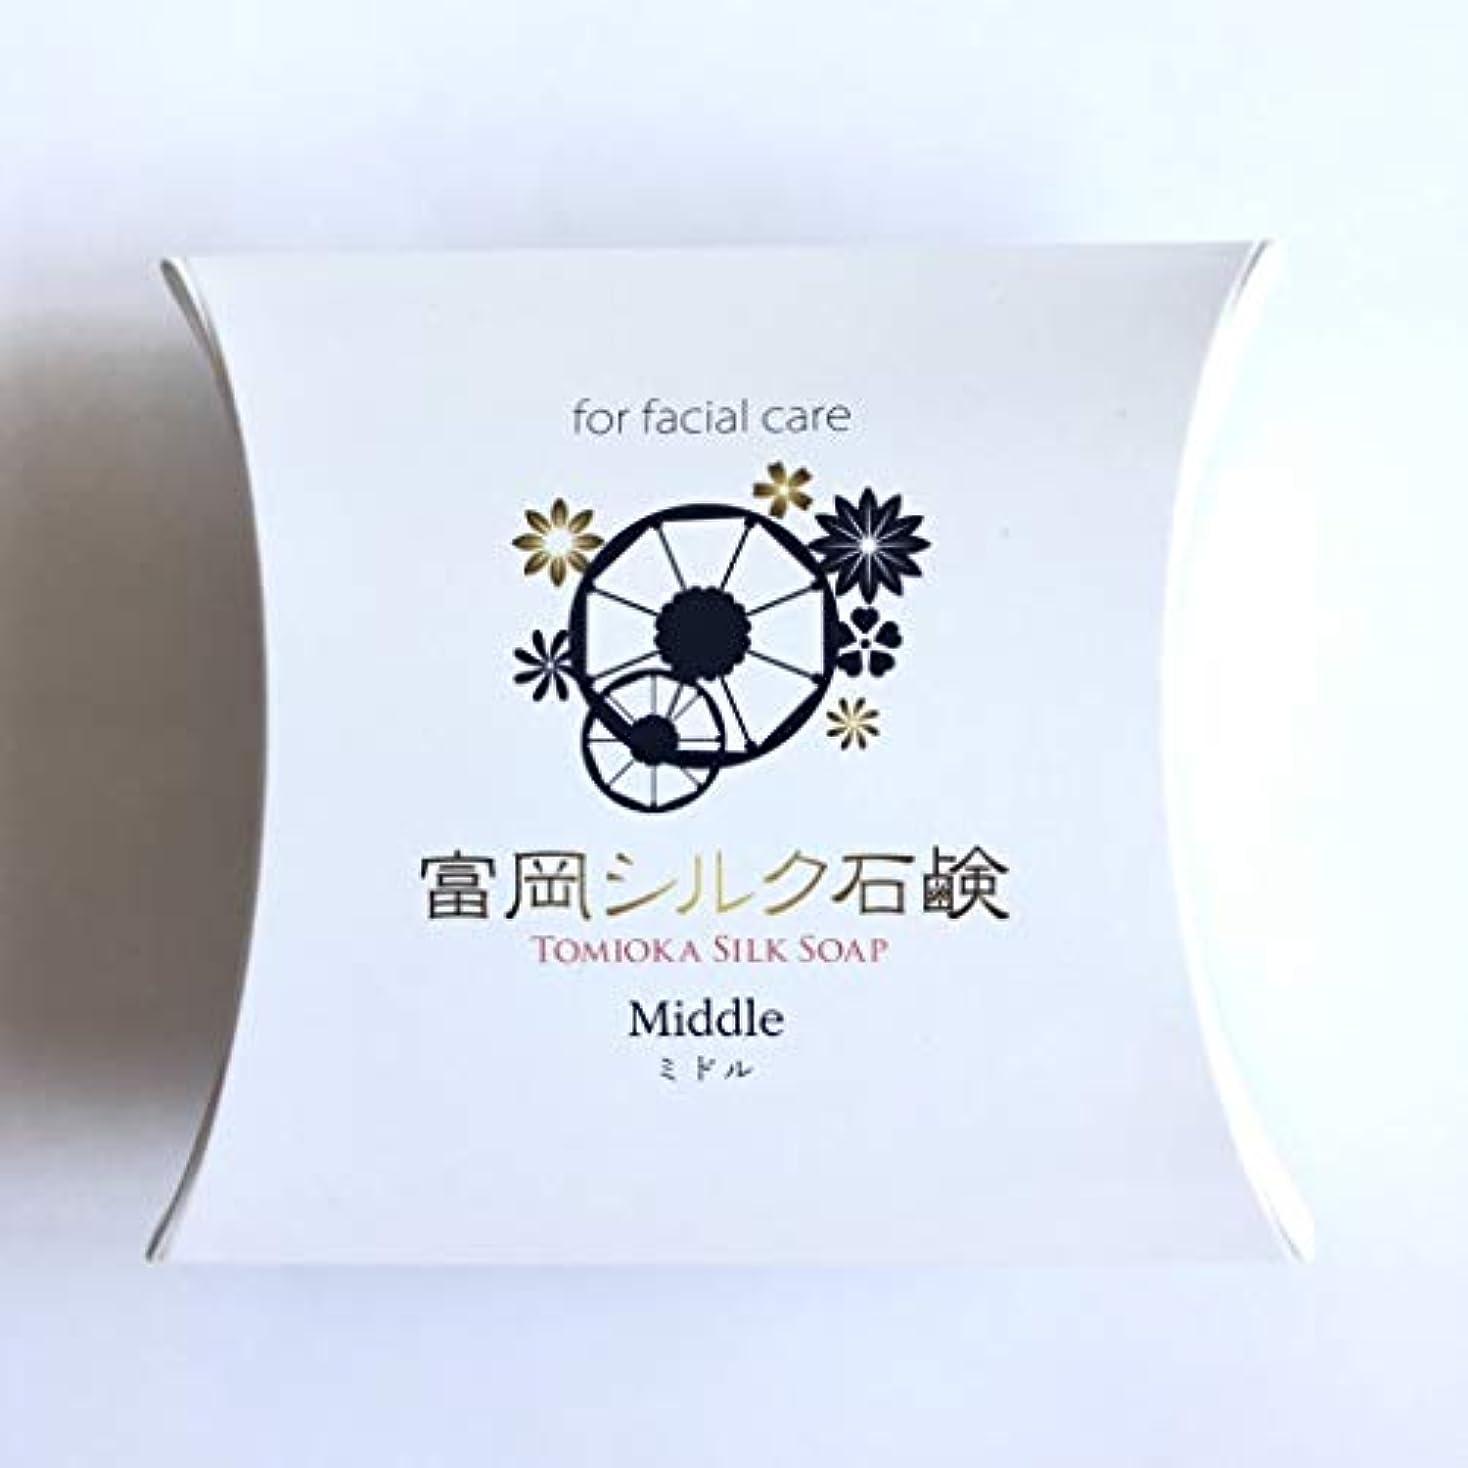 にメディック合法絹工房 富岡シルク石鹸 ミドルサイズ(40g)